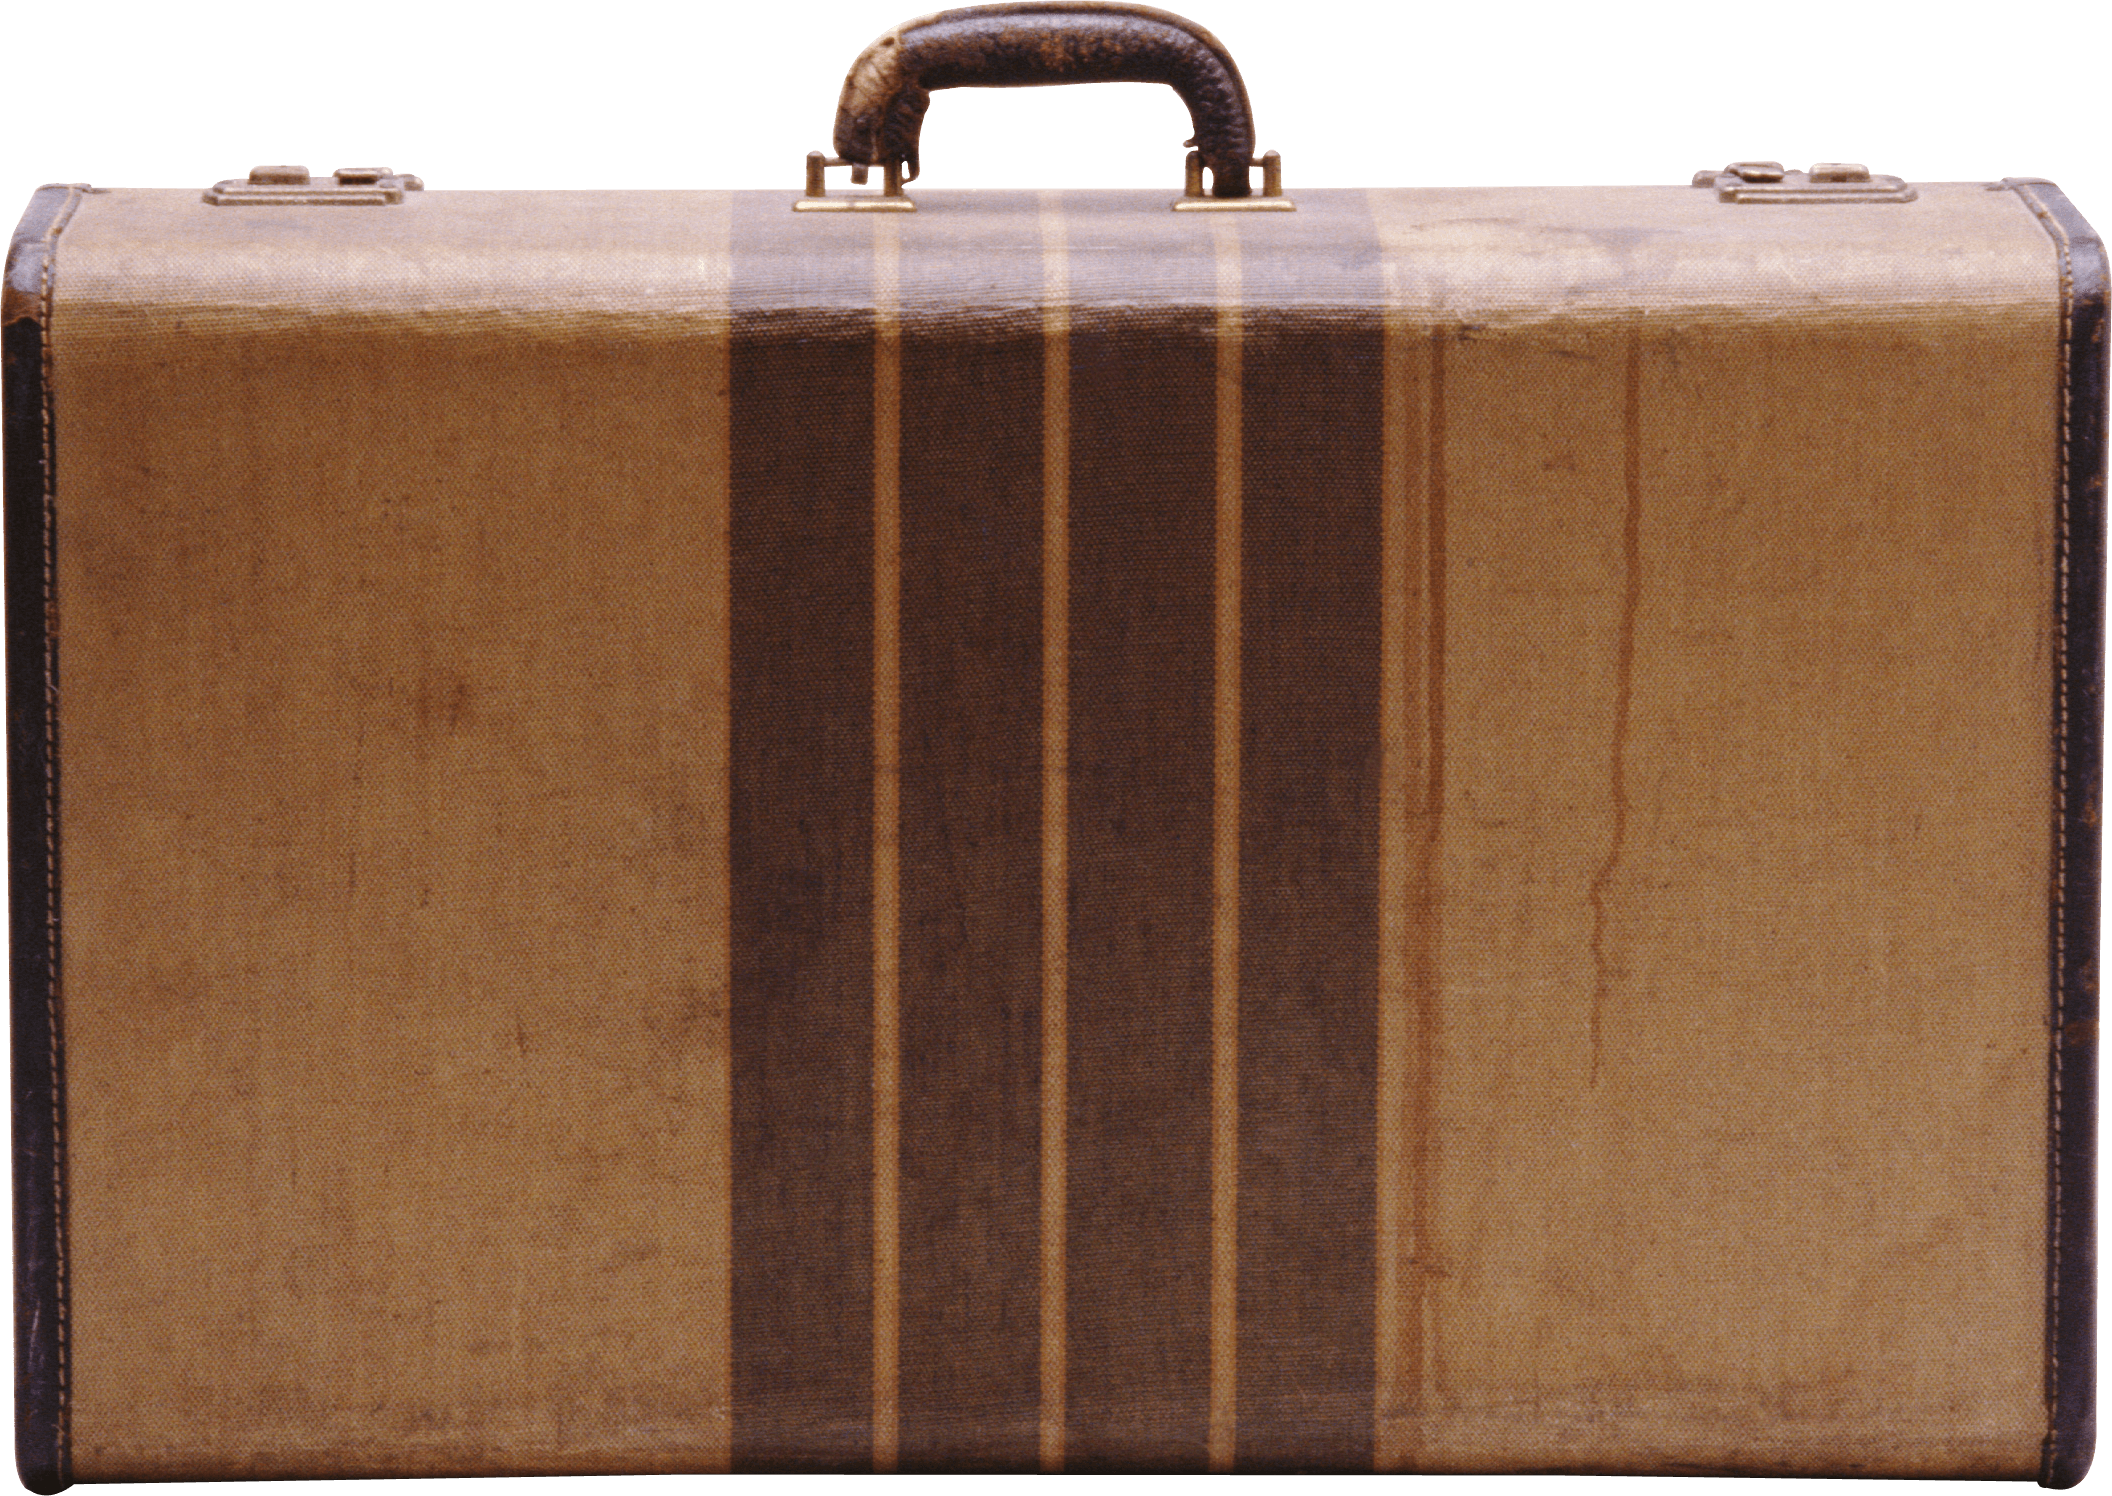 Vintage Cardboard Suitcase - Vintage Luggage PNG